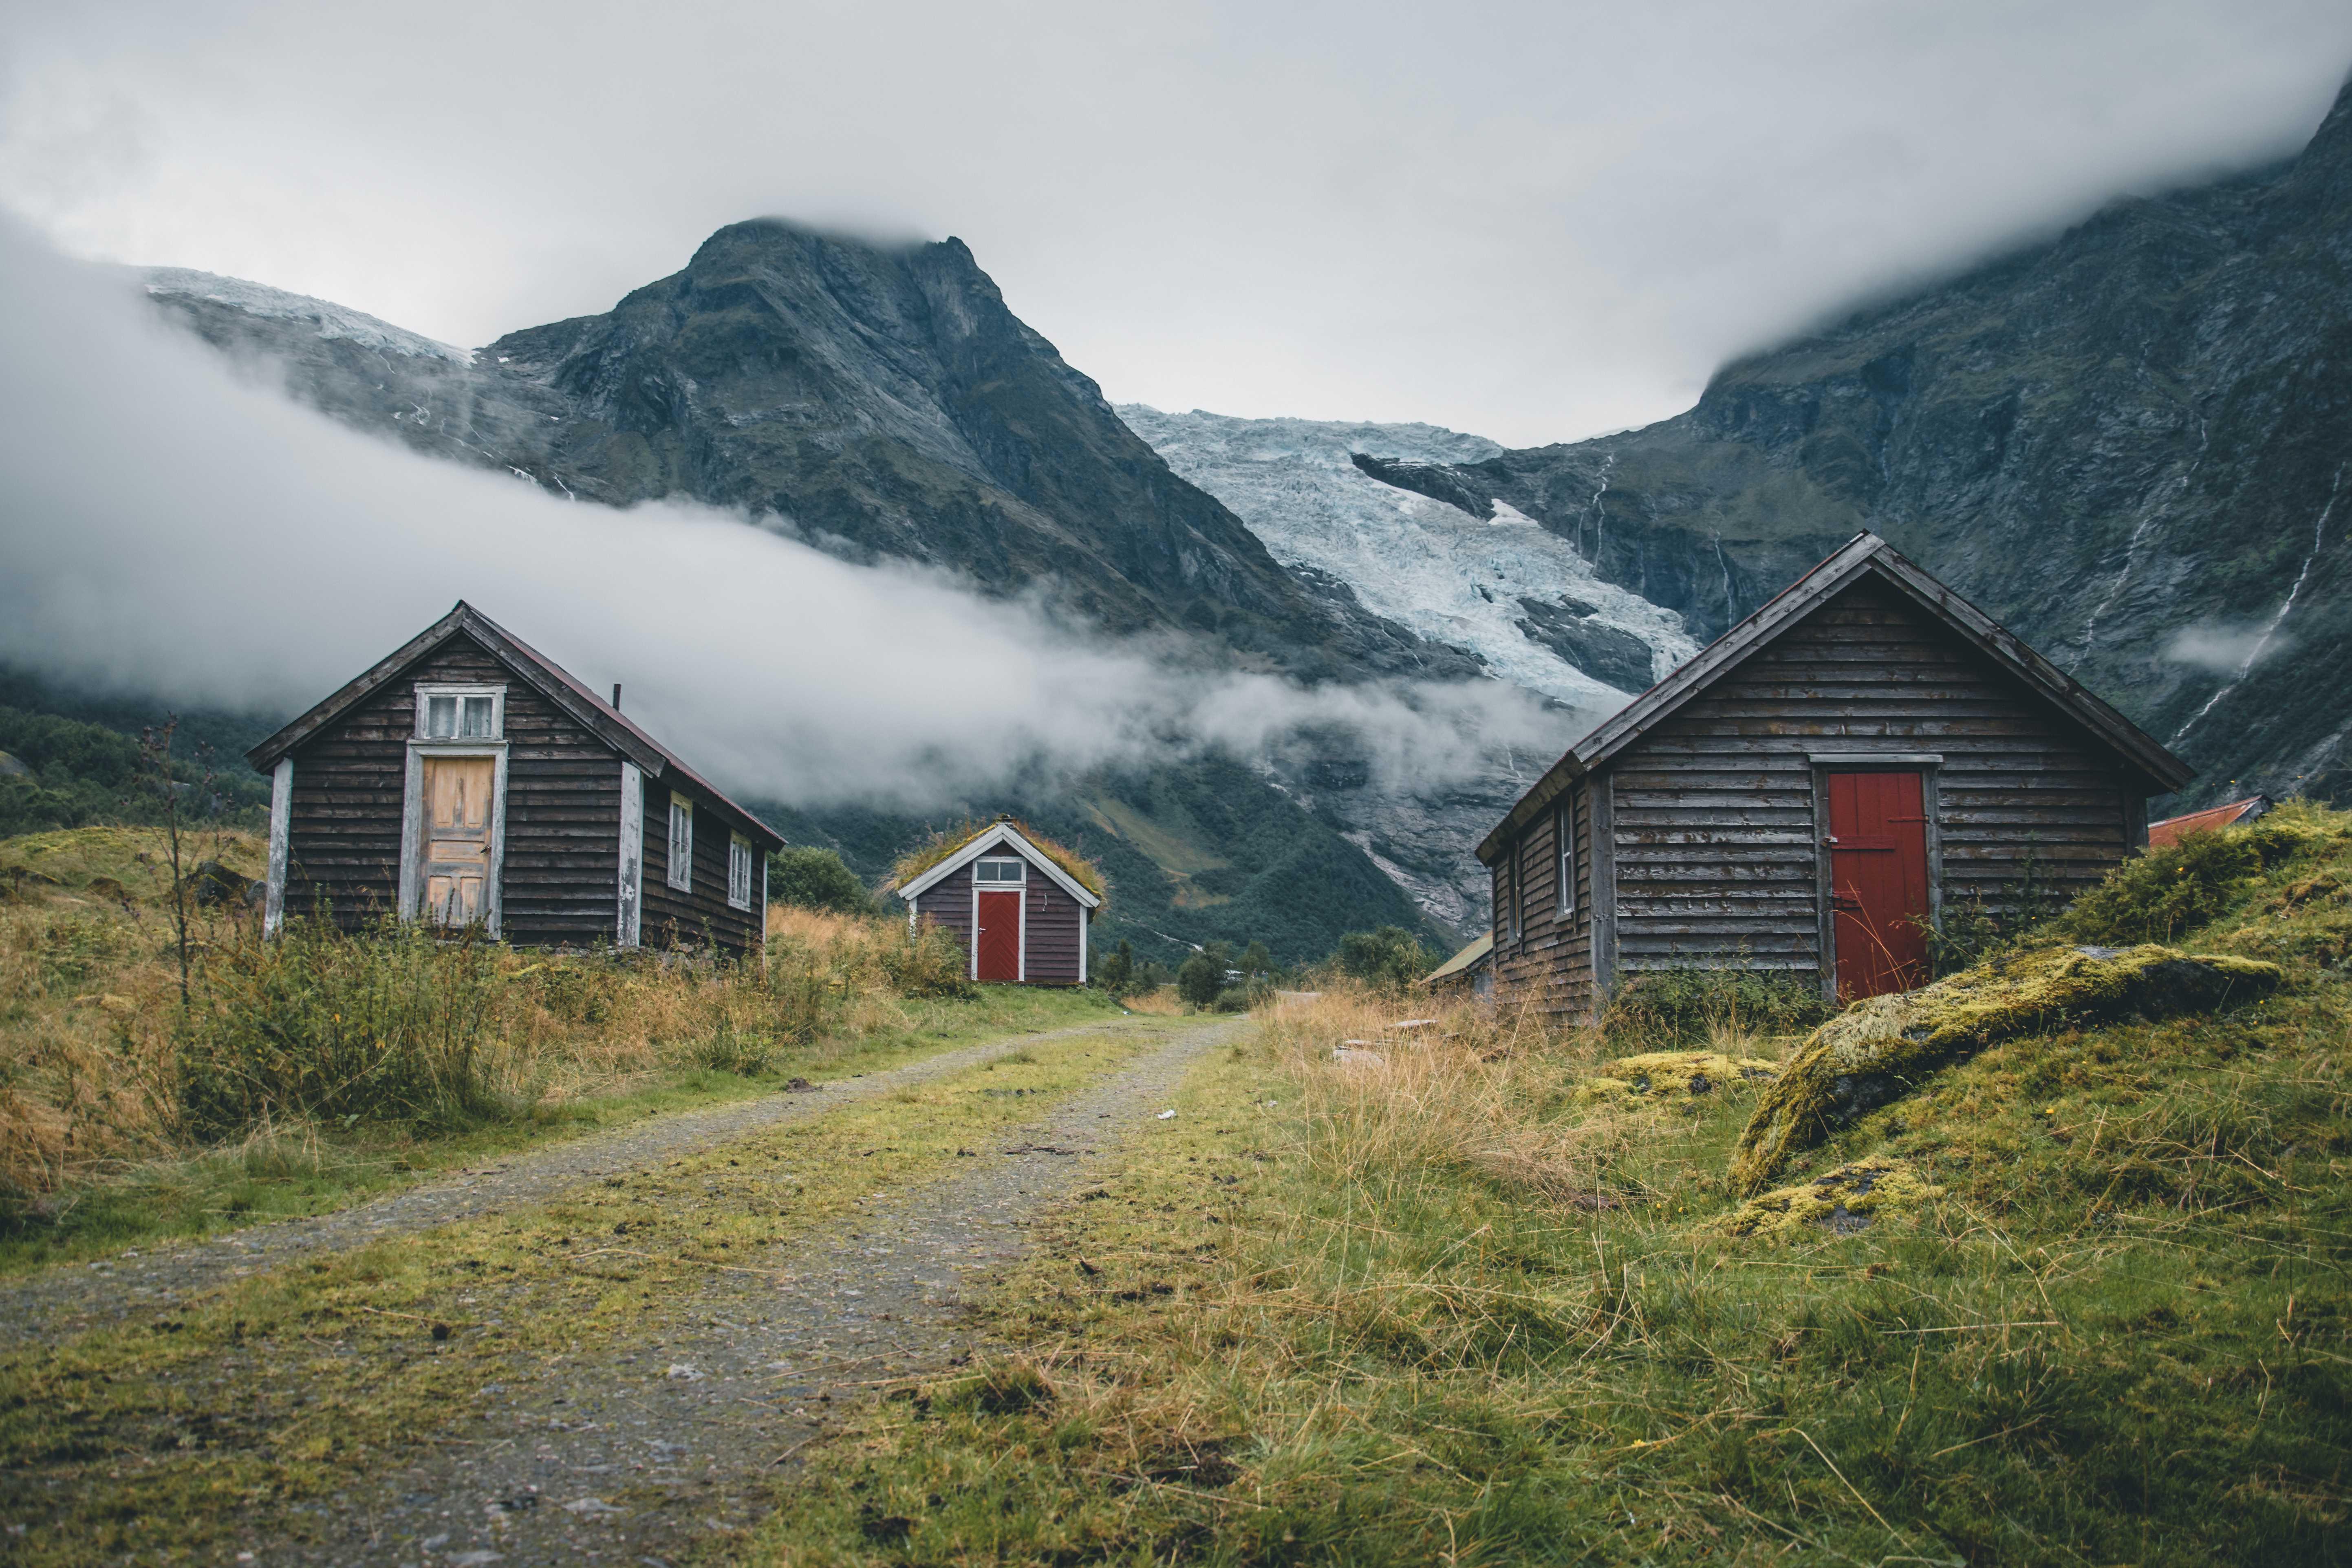 Kolory domów wNorwegii